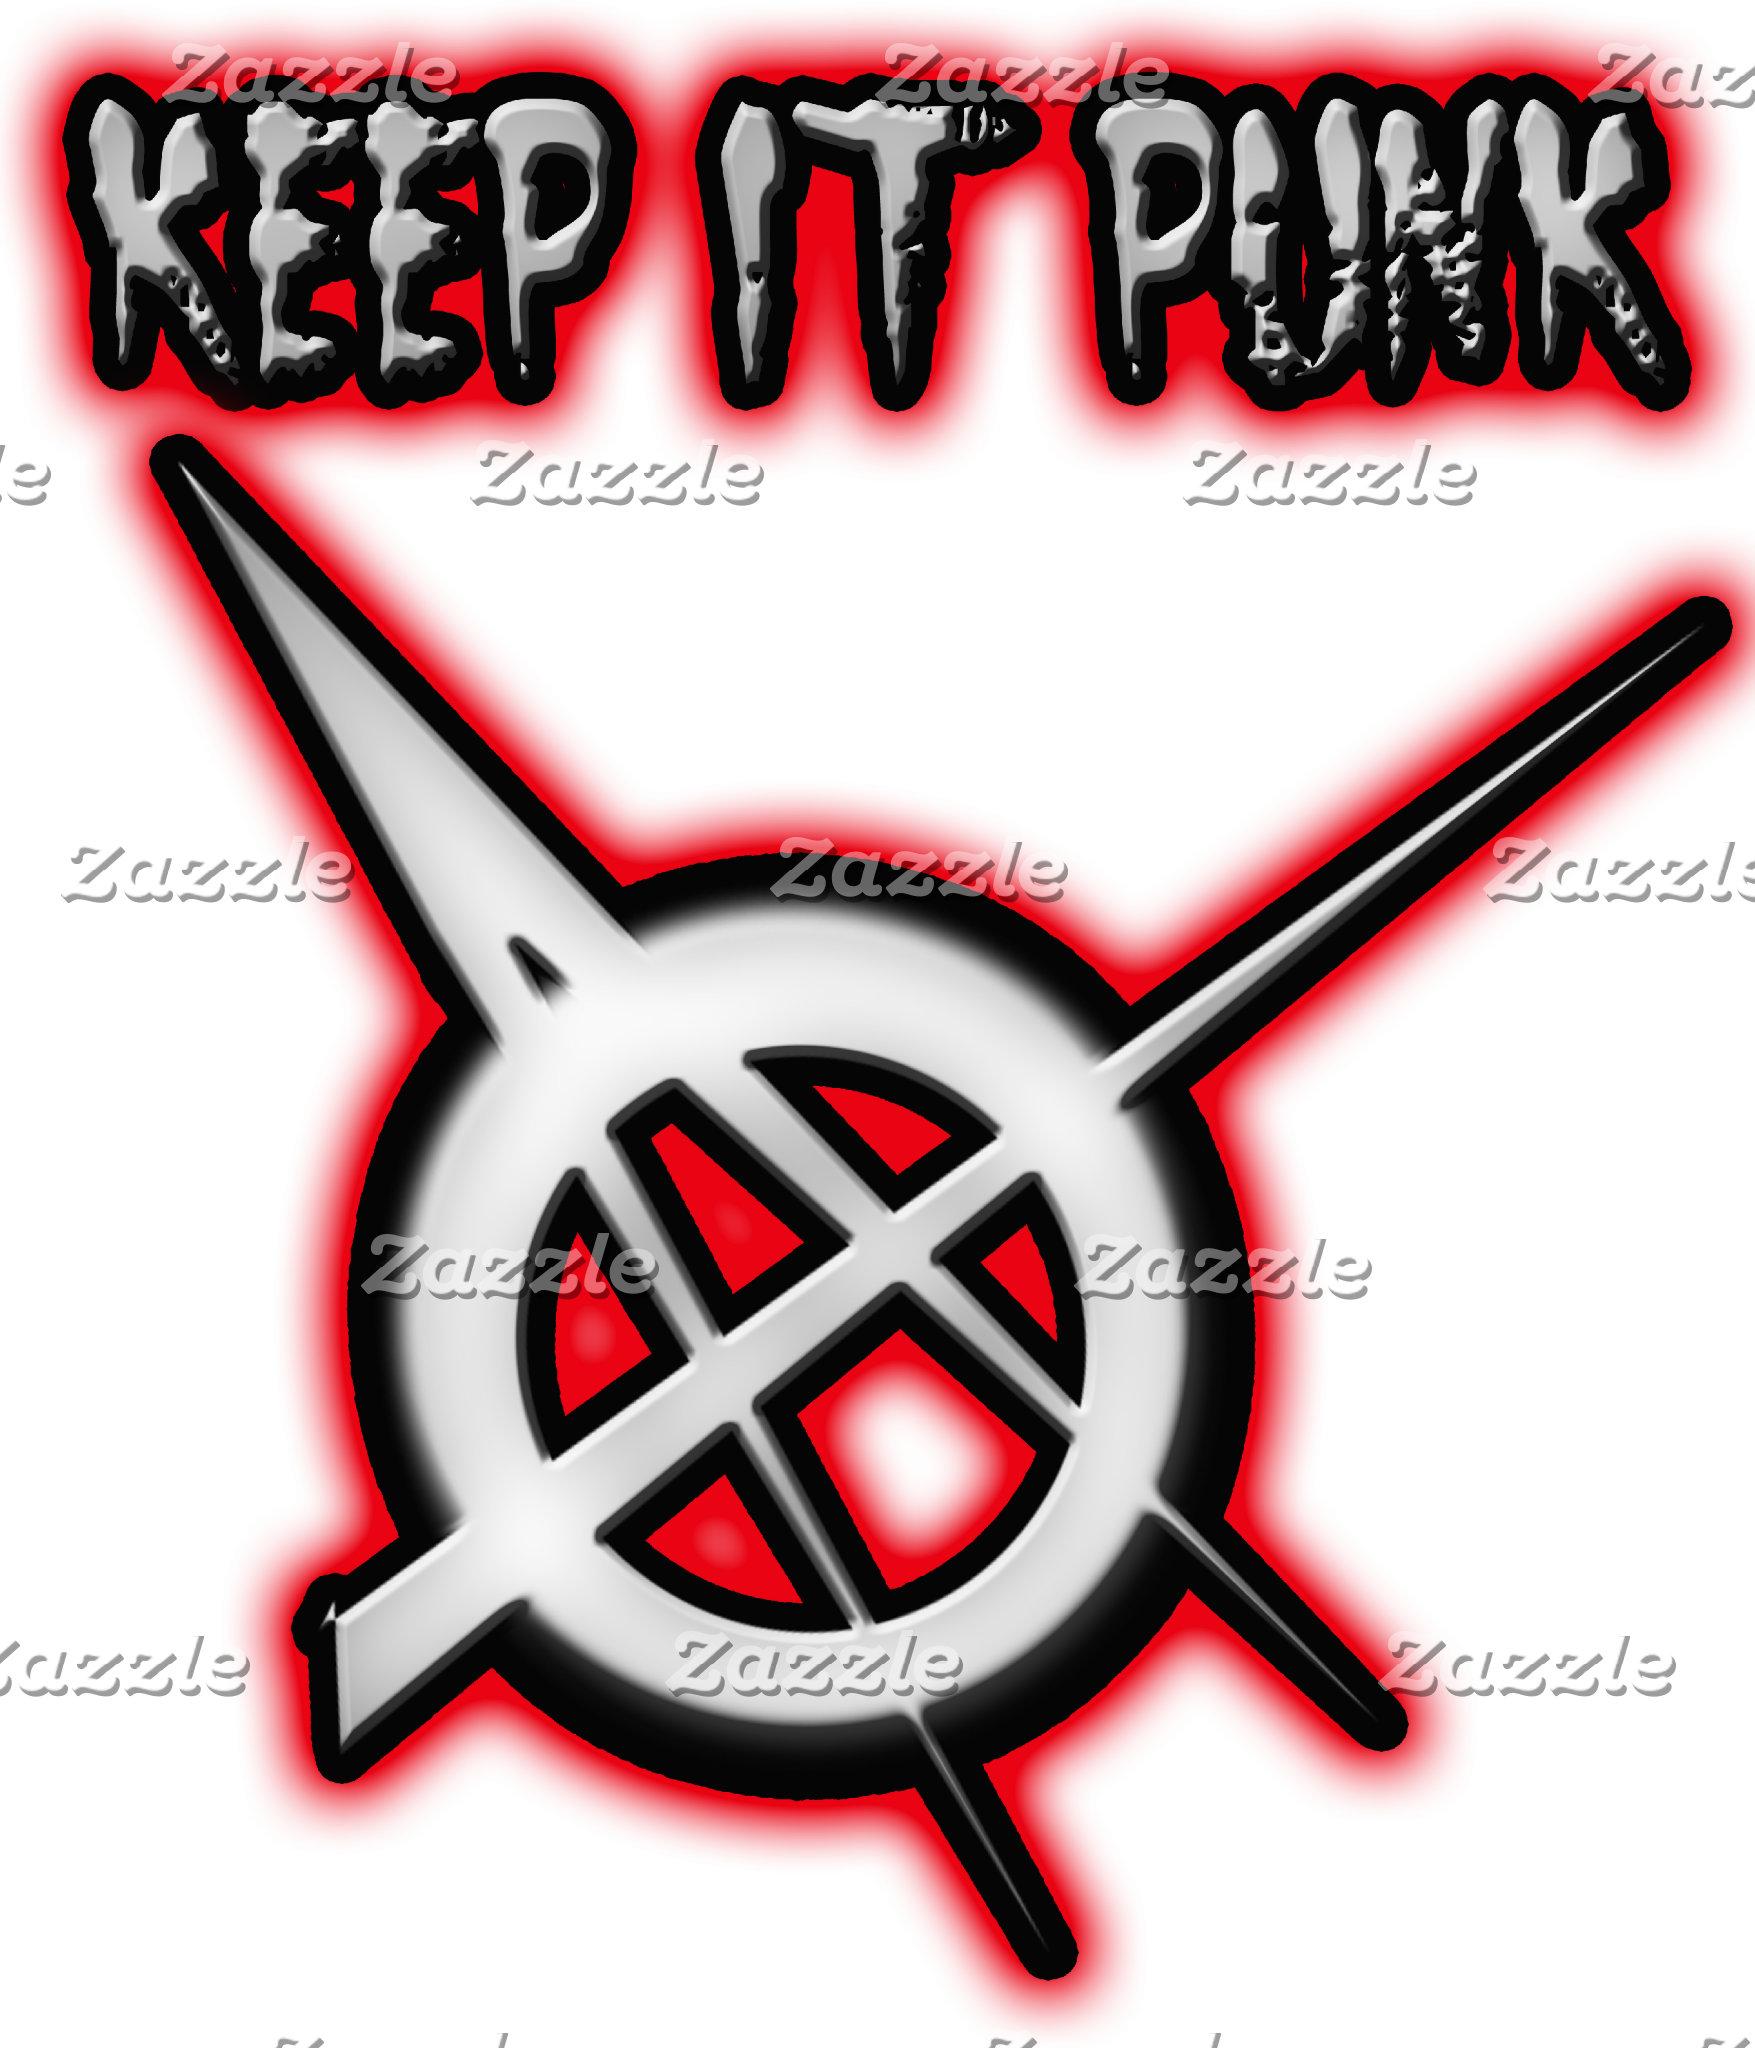 KEEP IT PUNK Punk Rock Music shirts